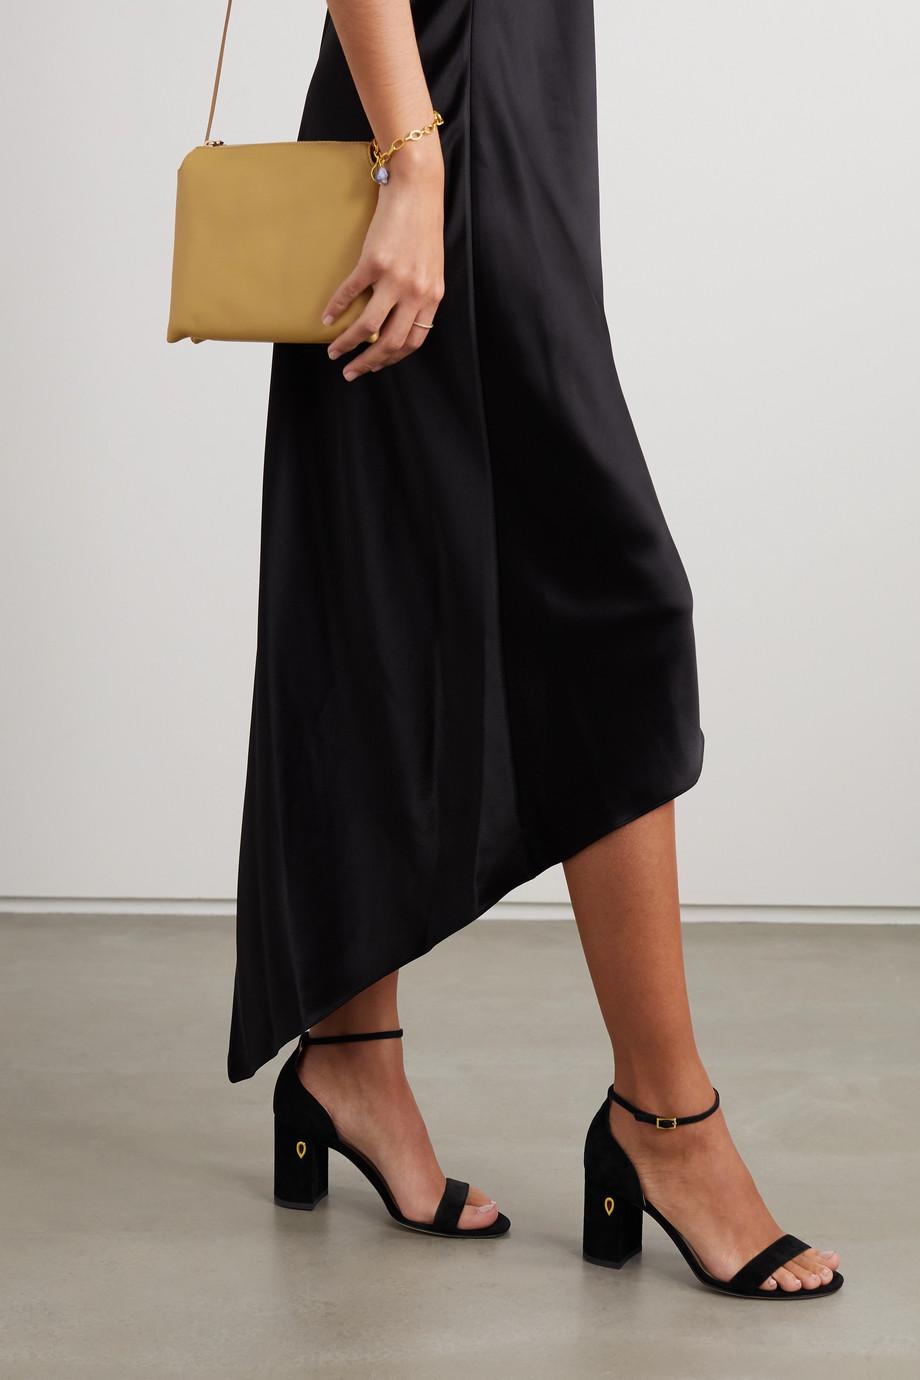 Jennifer Chamandi Massimo 85 绒面革凉鞋